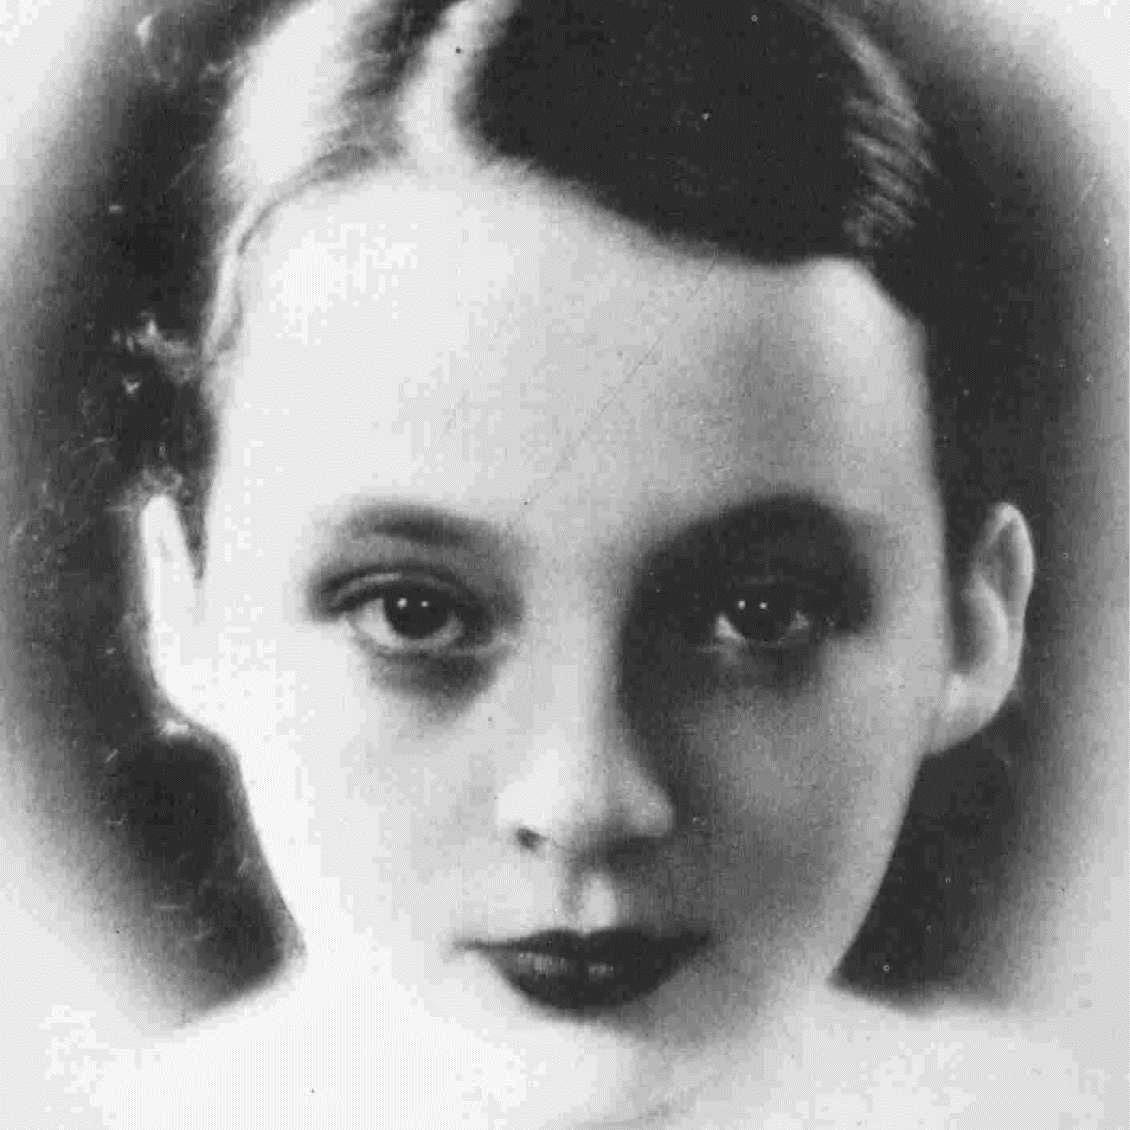 Club De La Buena Estrella Marguerite Duras Biografía